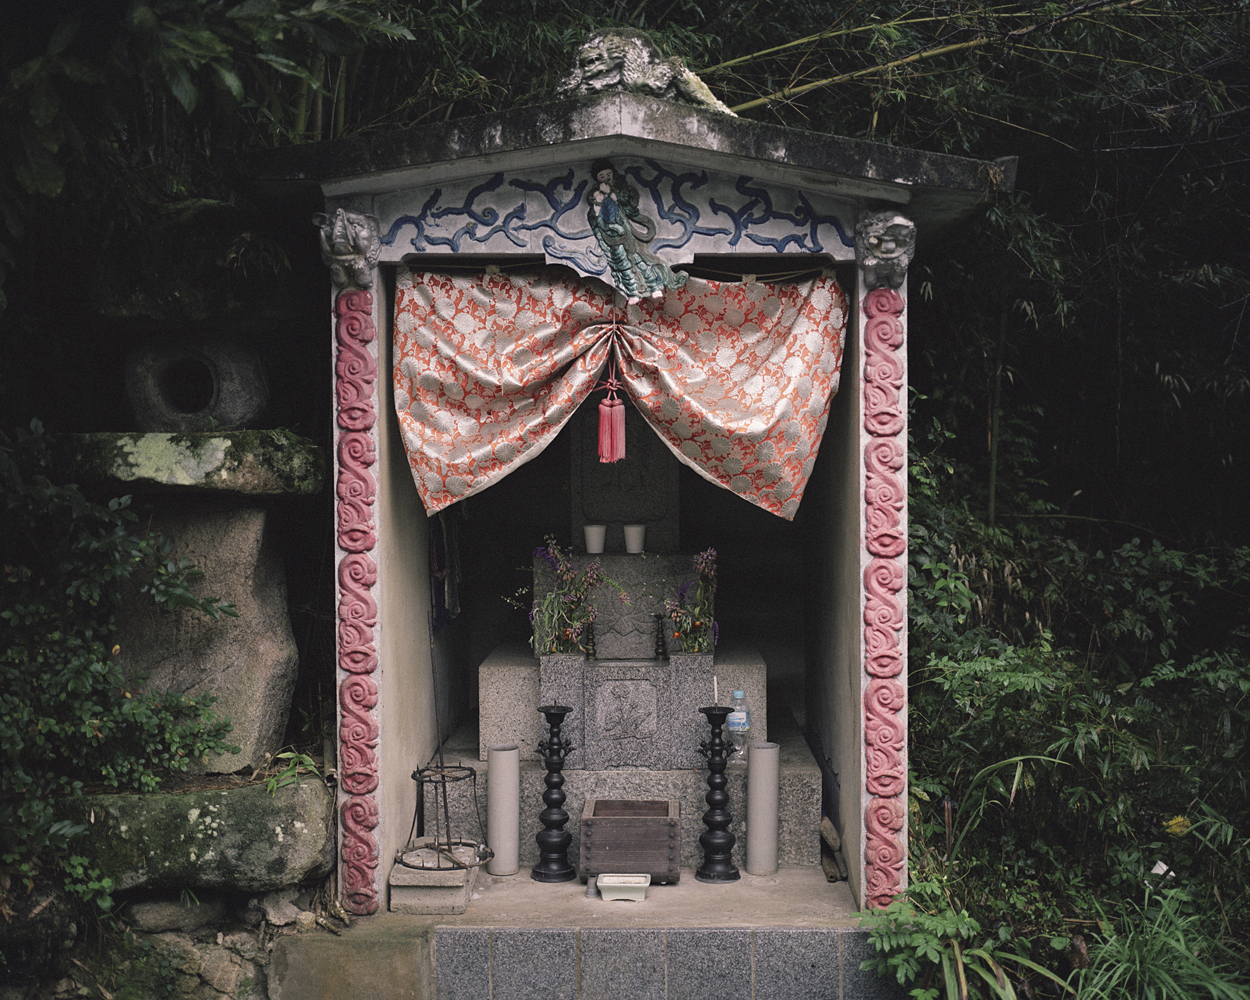 The Jizō Bosatsu of the Shikoku pilgrim's trail